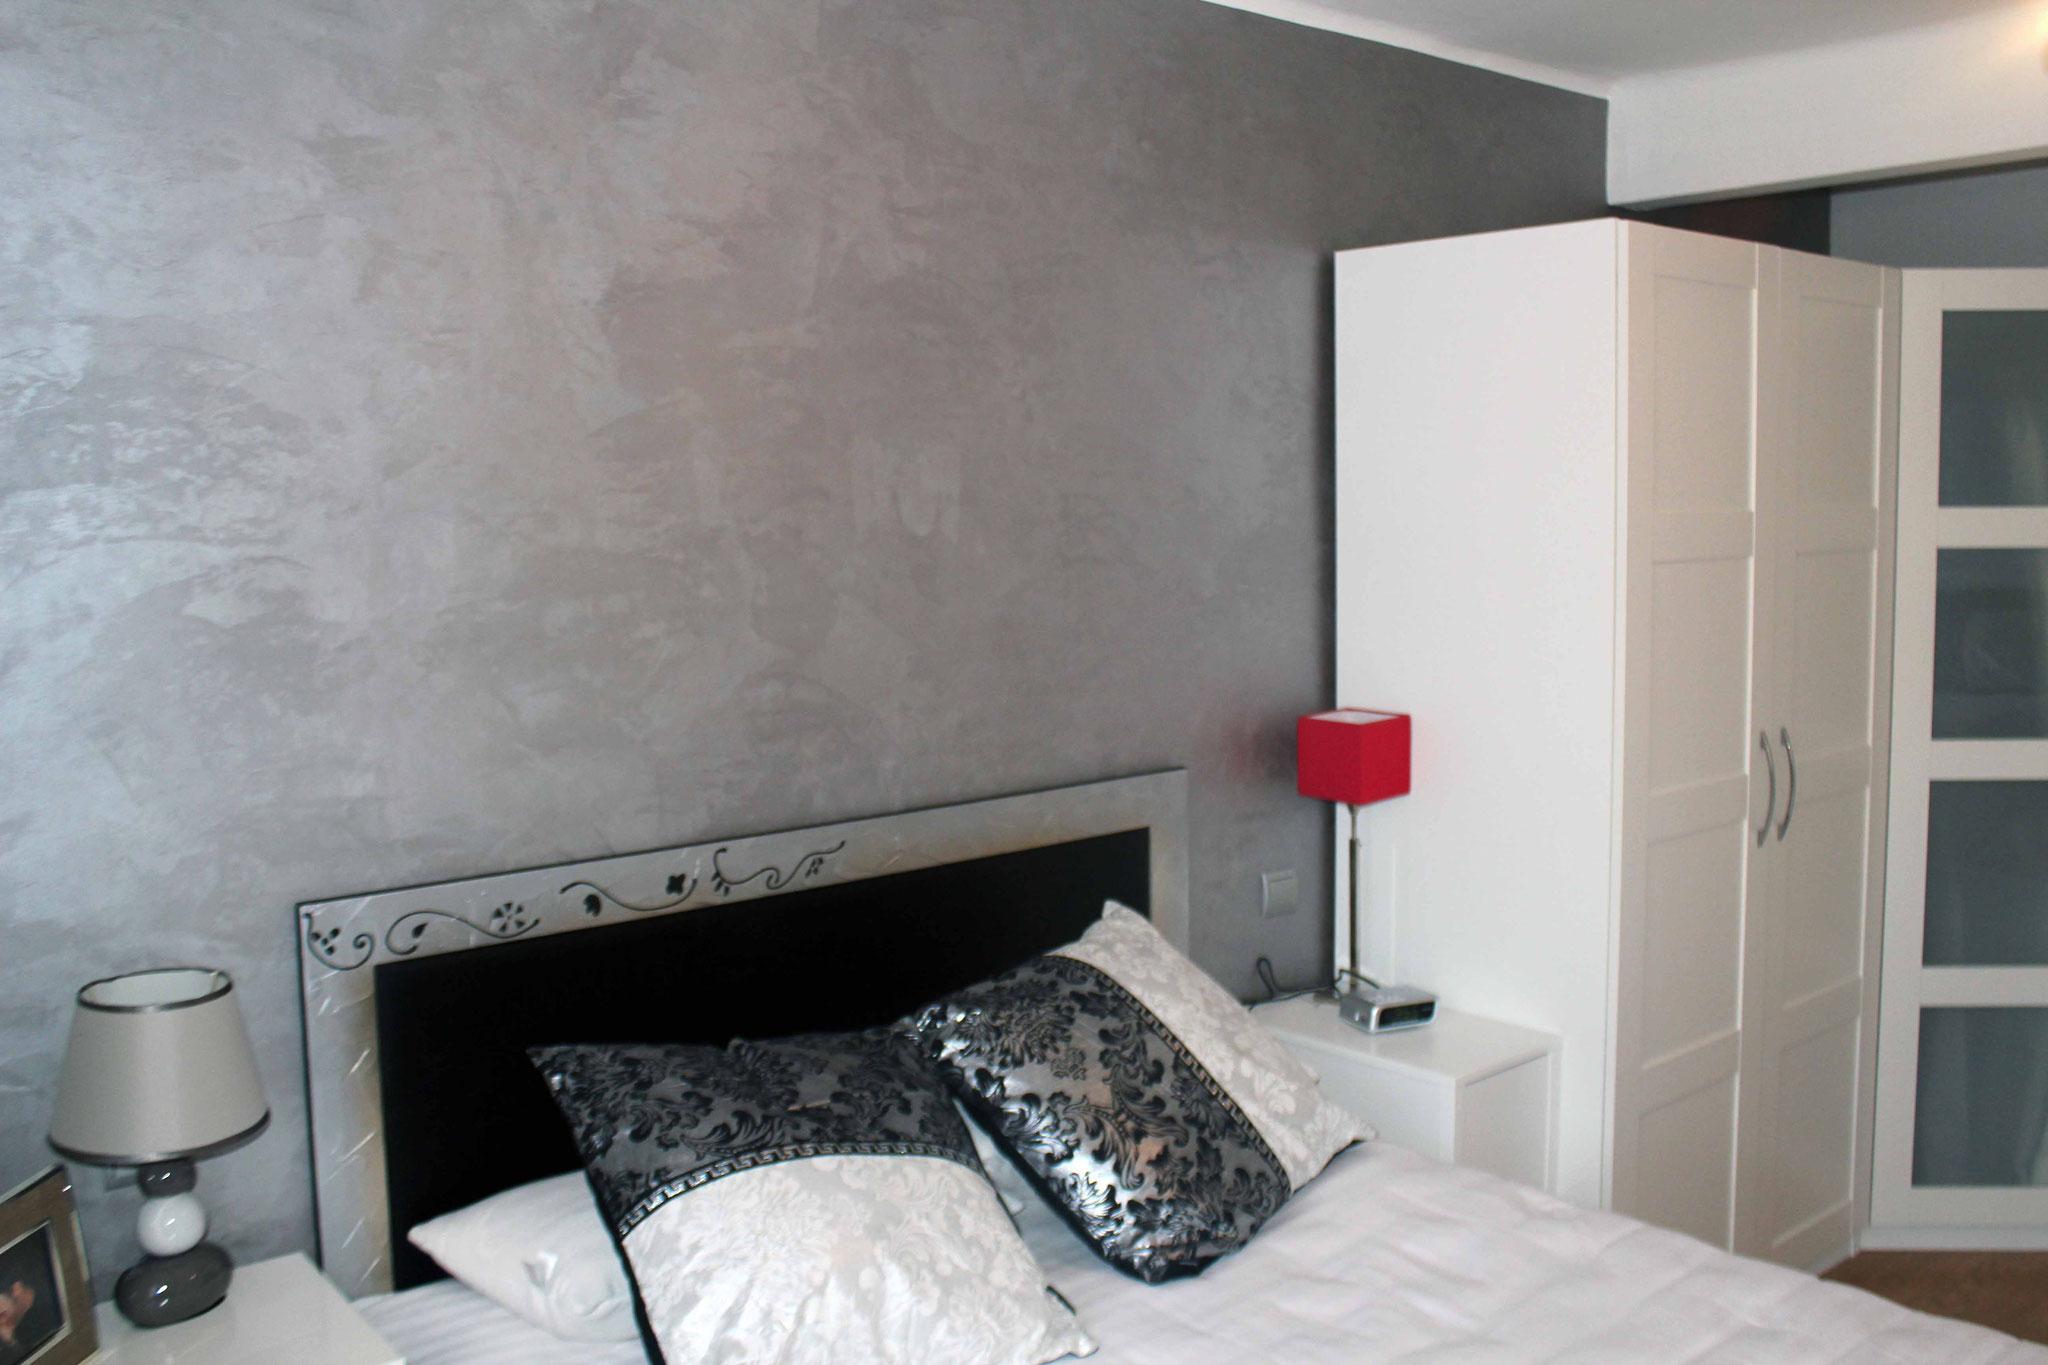 Pintura remodelar casas oficinas y locales comerciales - Estilos de pintura para interiores ...